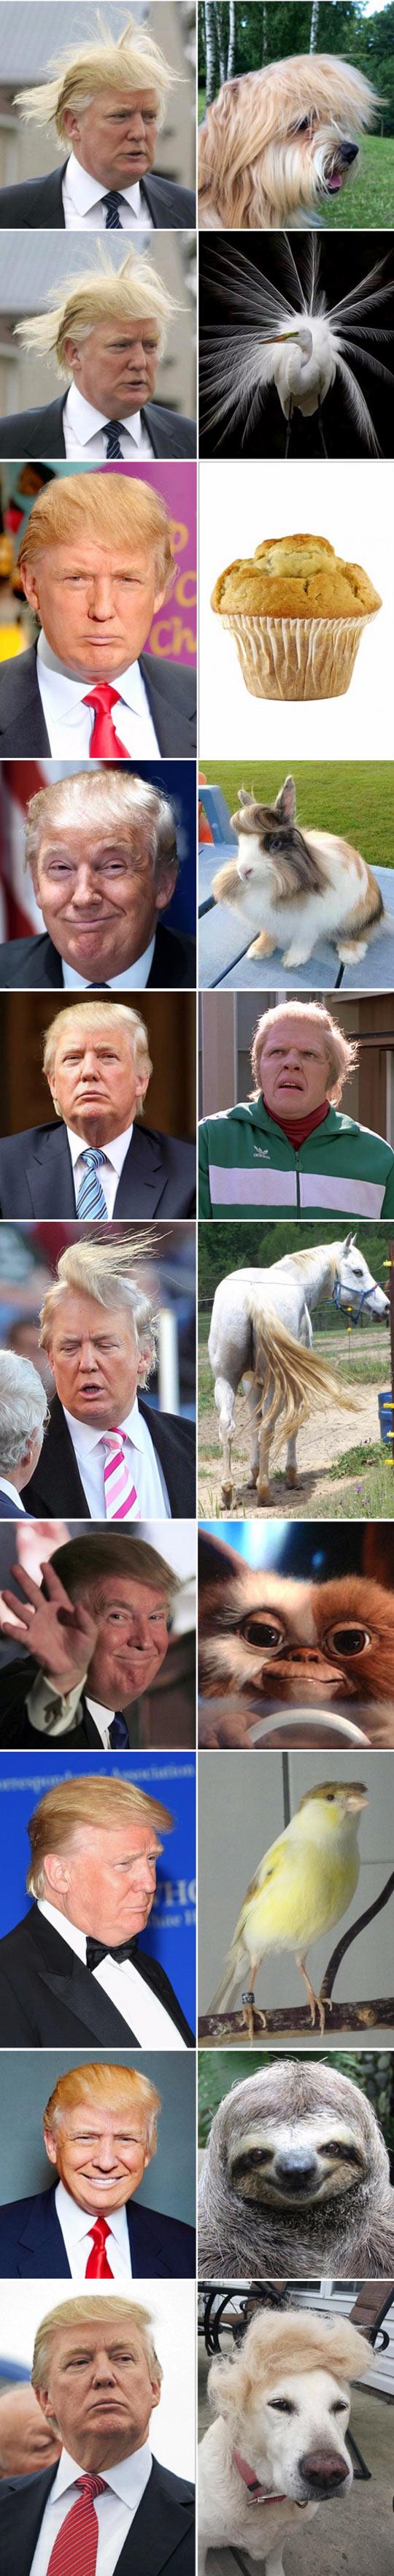 funny-Donald-Trump-hair-cat-look-alike